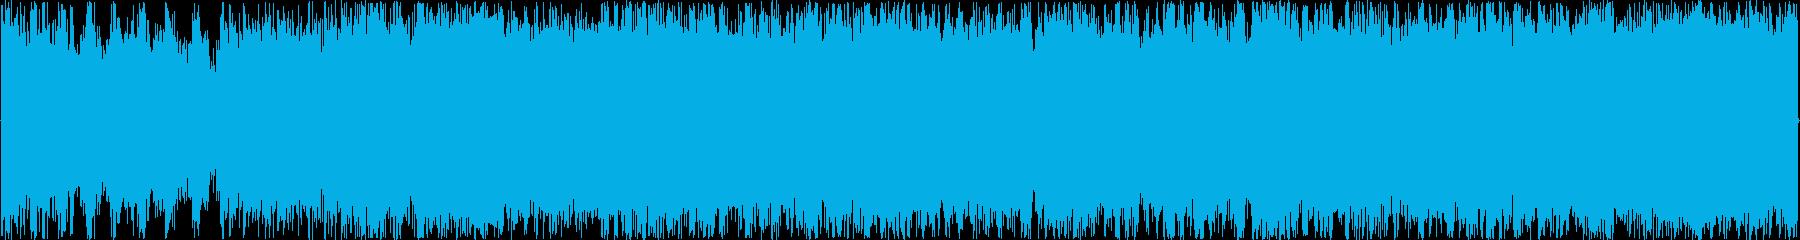 荒野を駆け抜けるイメージのBGMの再生済みの波形